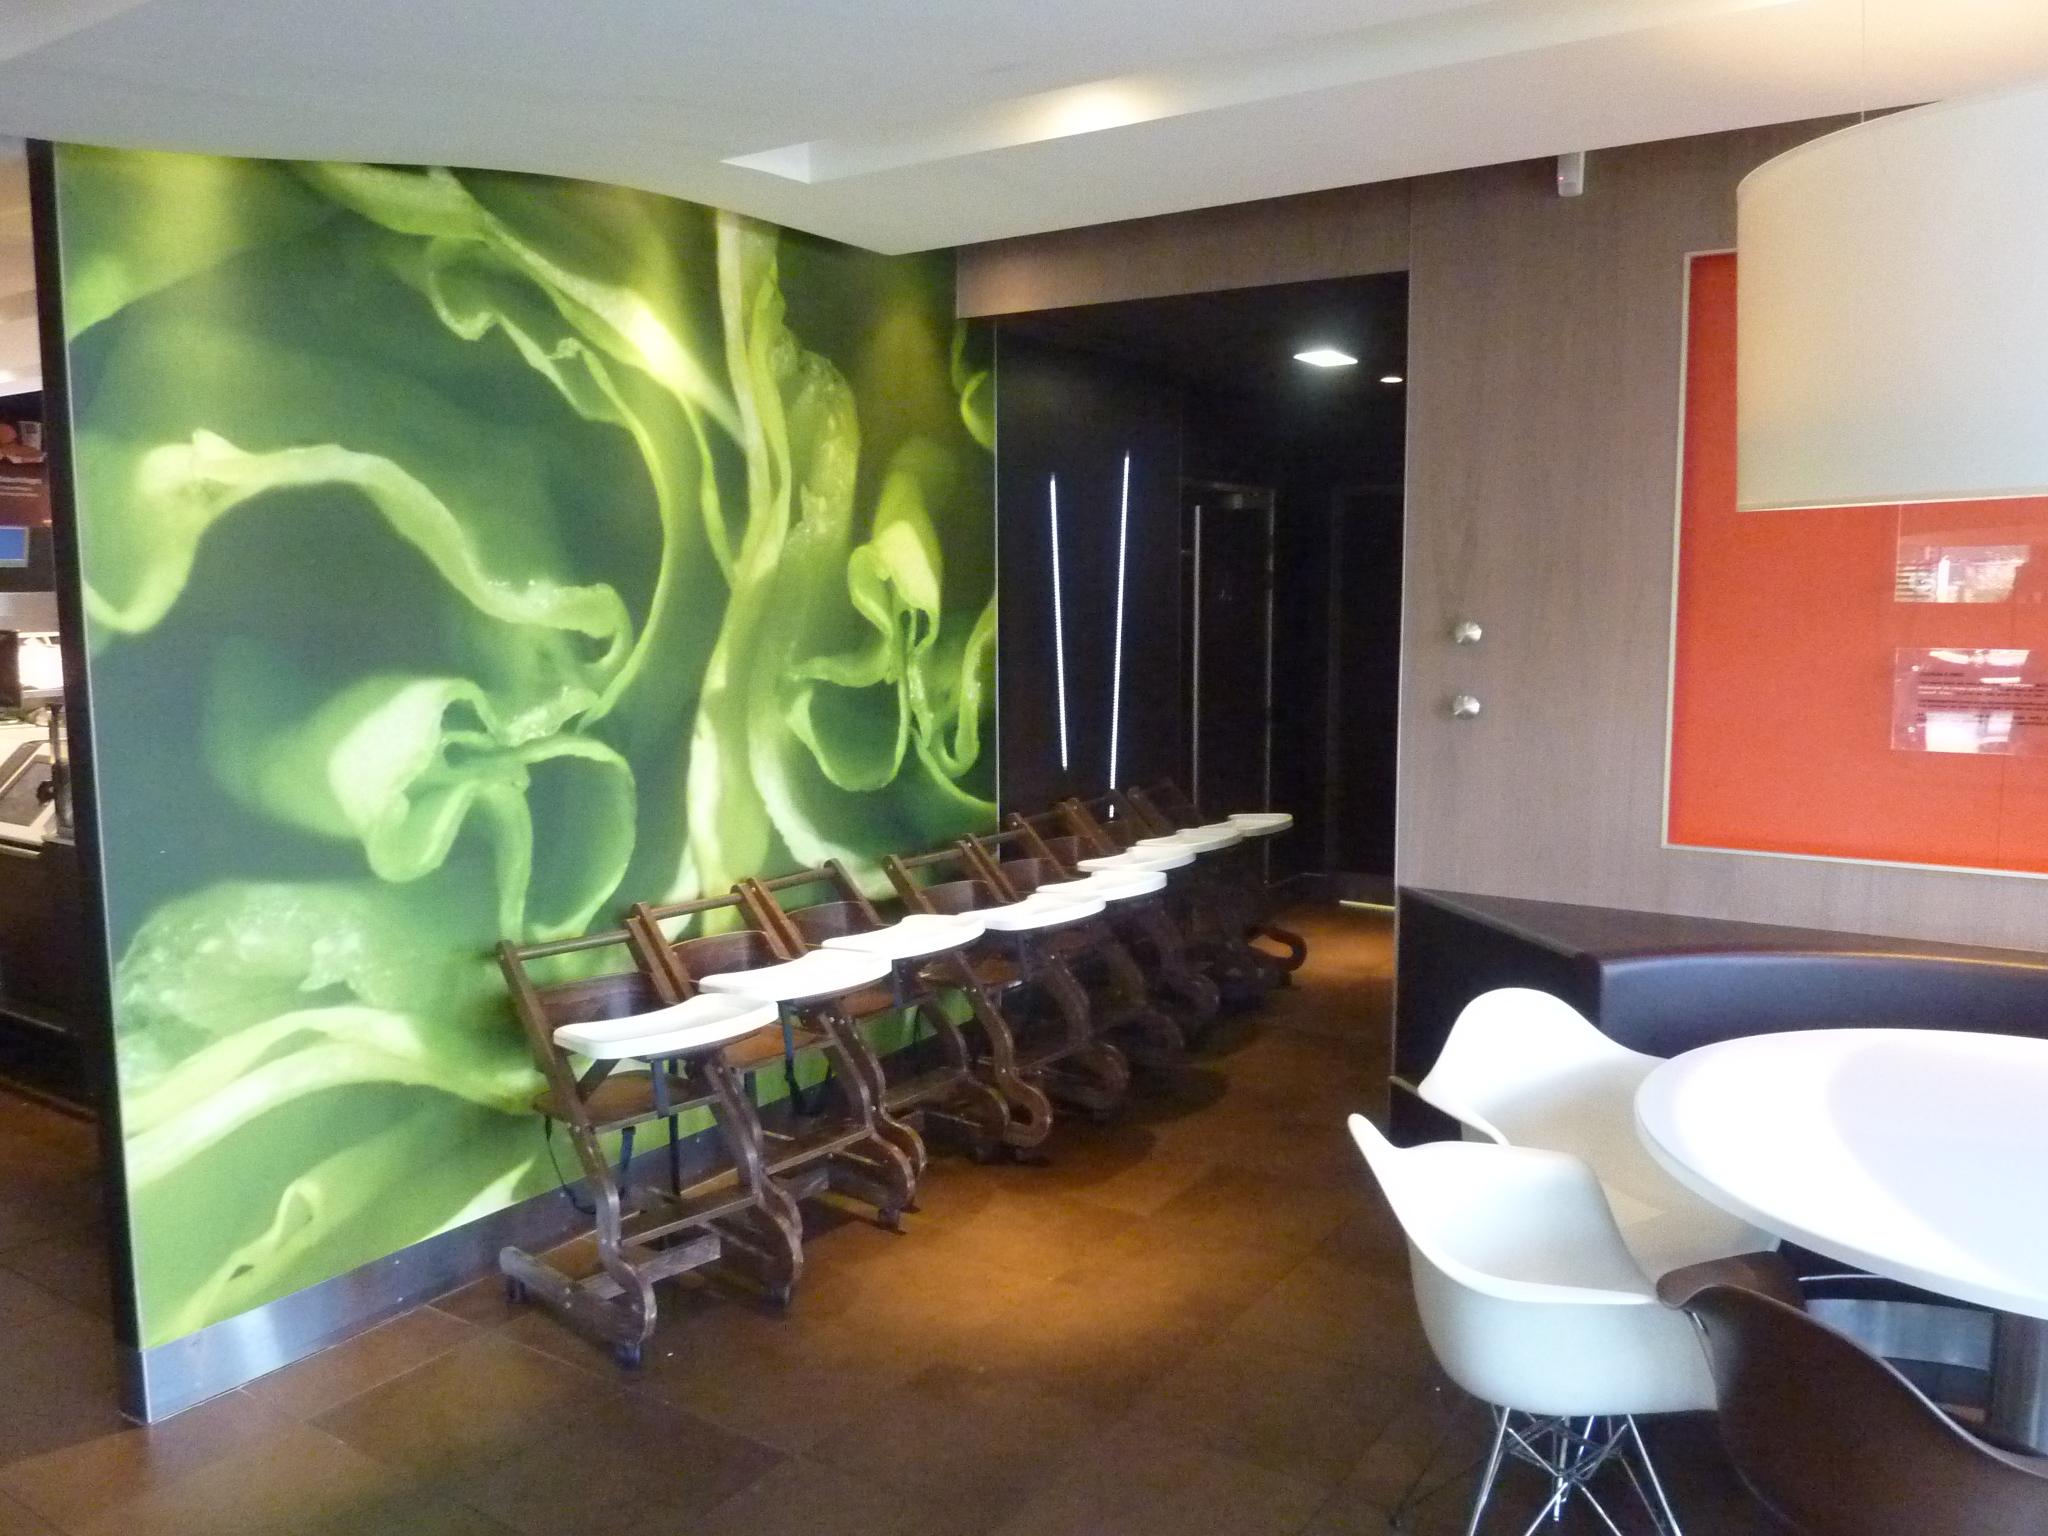 RESTAURATION Mc DONALD u2019S u2013 Les Clayes Sous Bois Axys # Hotel Les Clayes Sous Bois